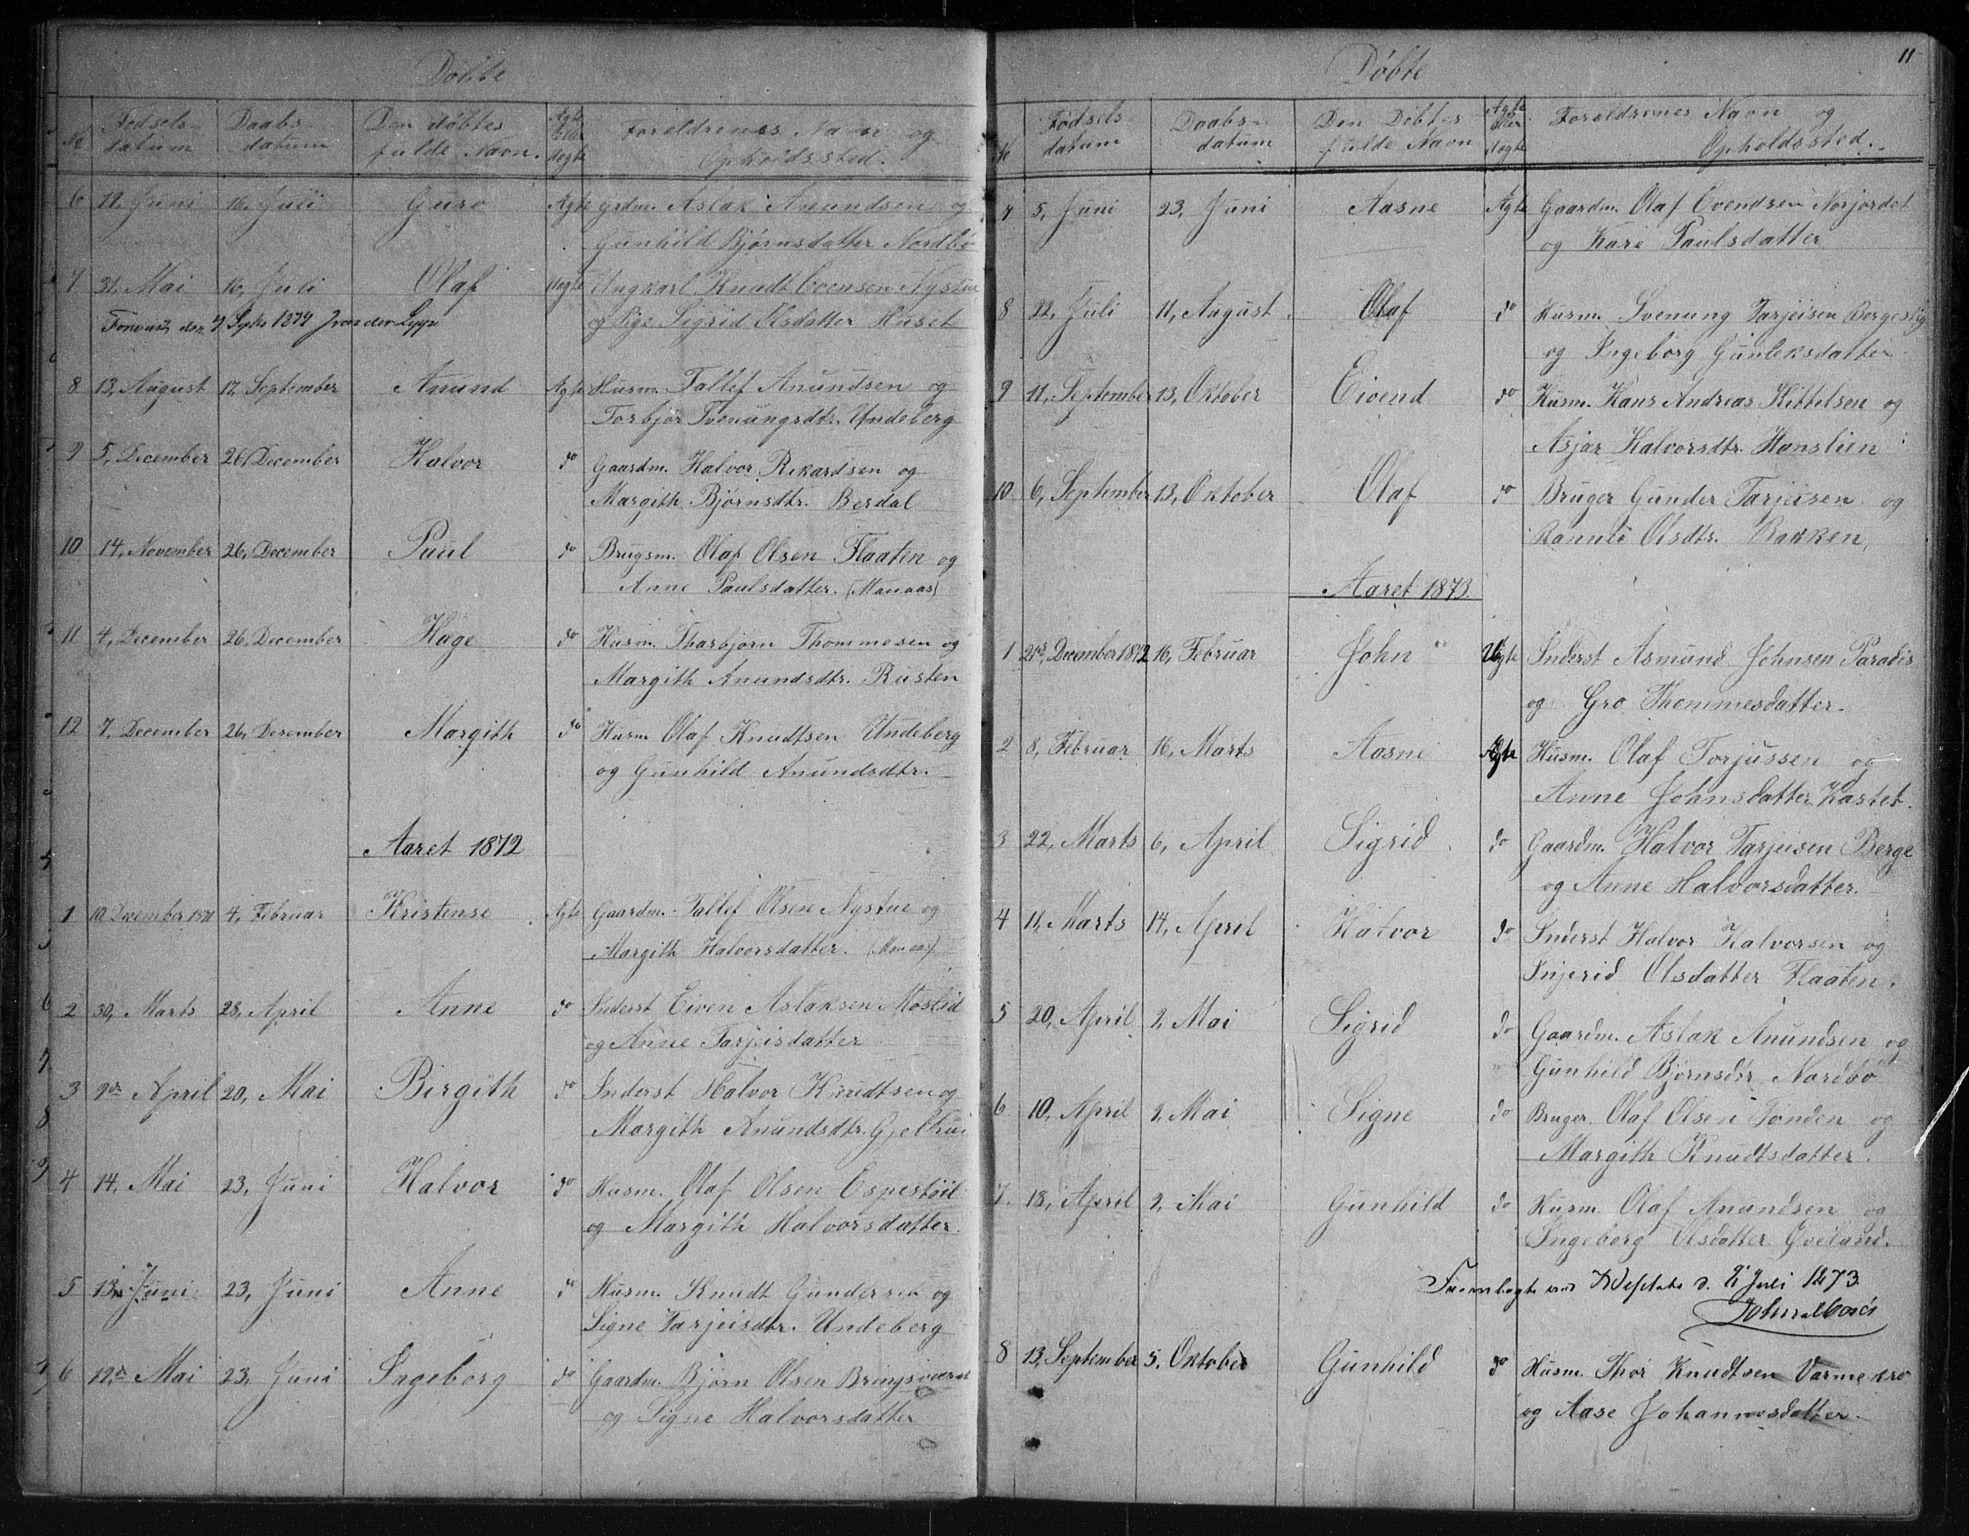 SAKO, Vinje kirkebøker, G/Gb/L0002: Klokkerbok nr. II 2, 1849-1891, s. 11